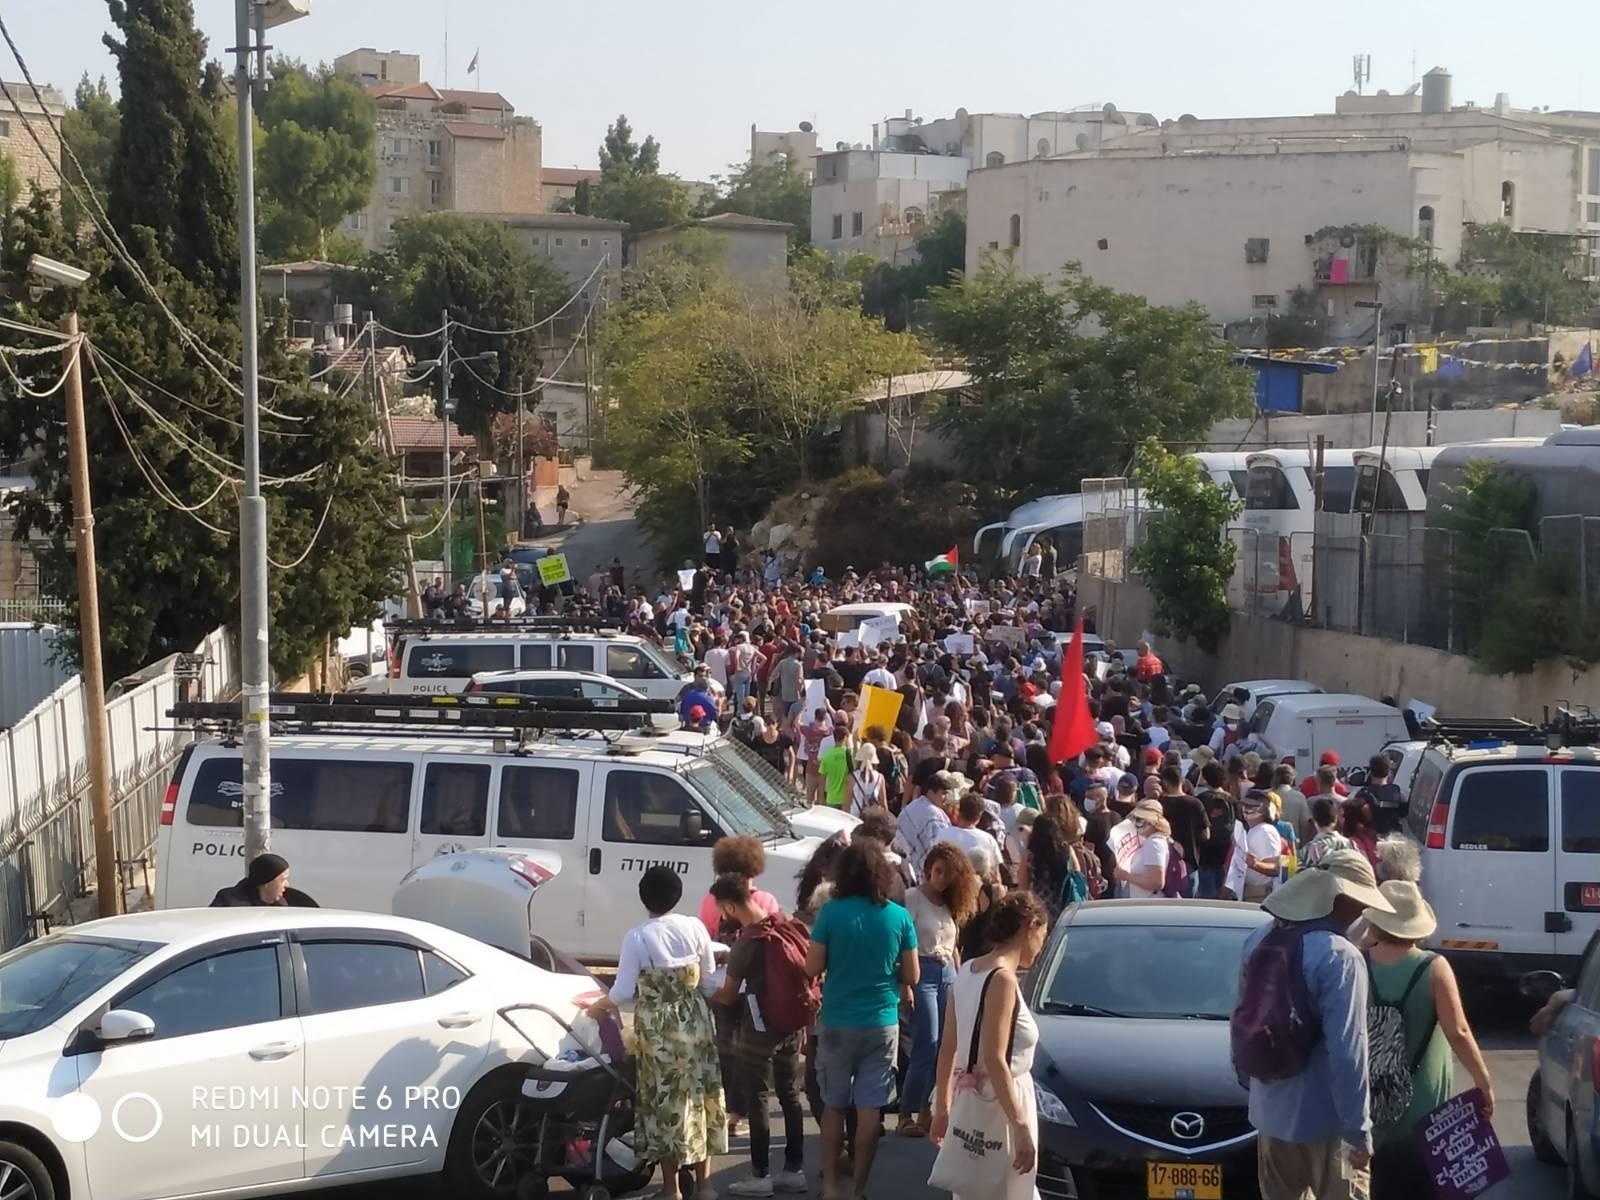 דיון בבית המשפט העליון: סכנה לגירוש ארבע משפחות מבתיהן בשייח' ג'ראח